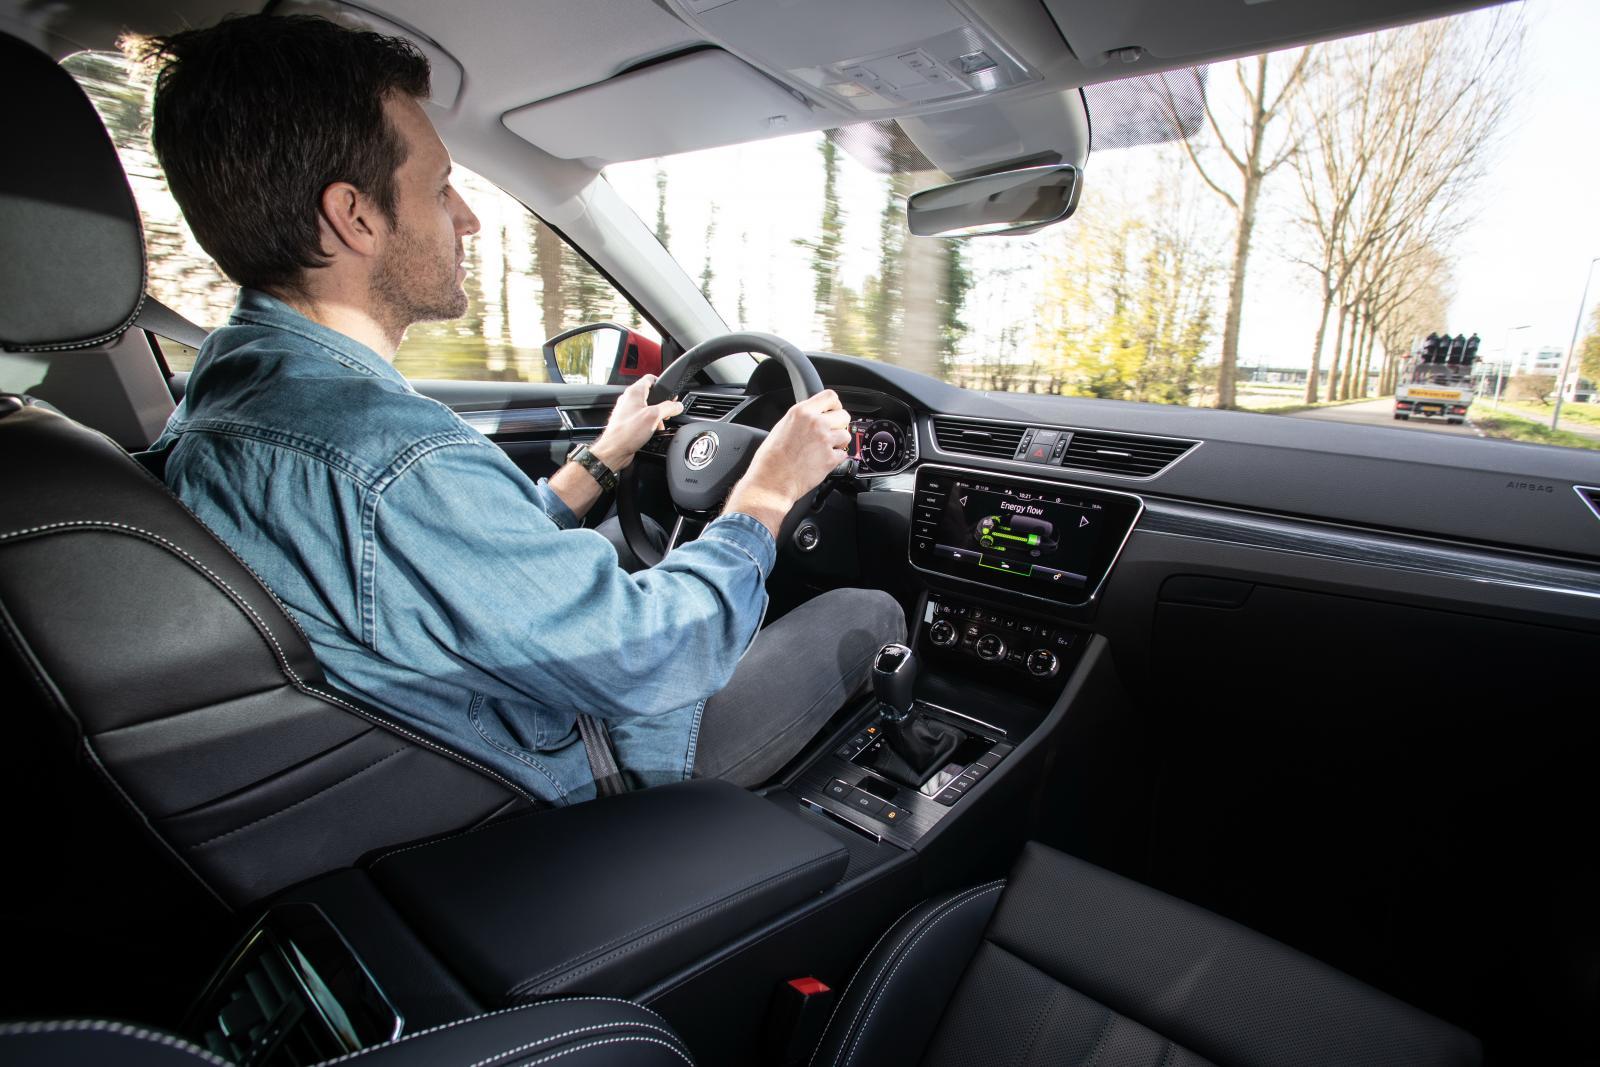 Väghållning och komfort är i toppklass i nya Superb Combi iV som har adaptivt chassi som standard.